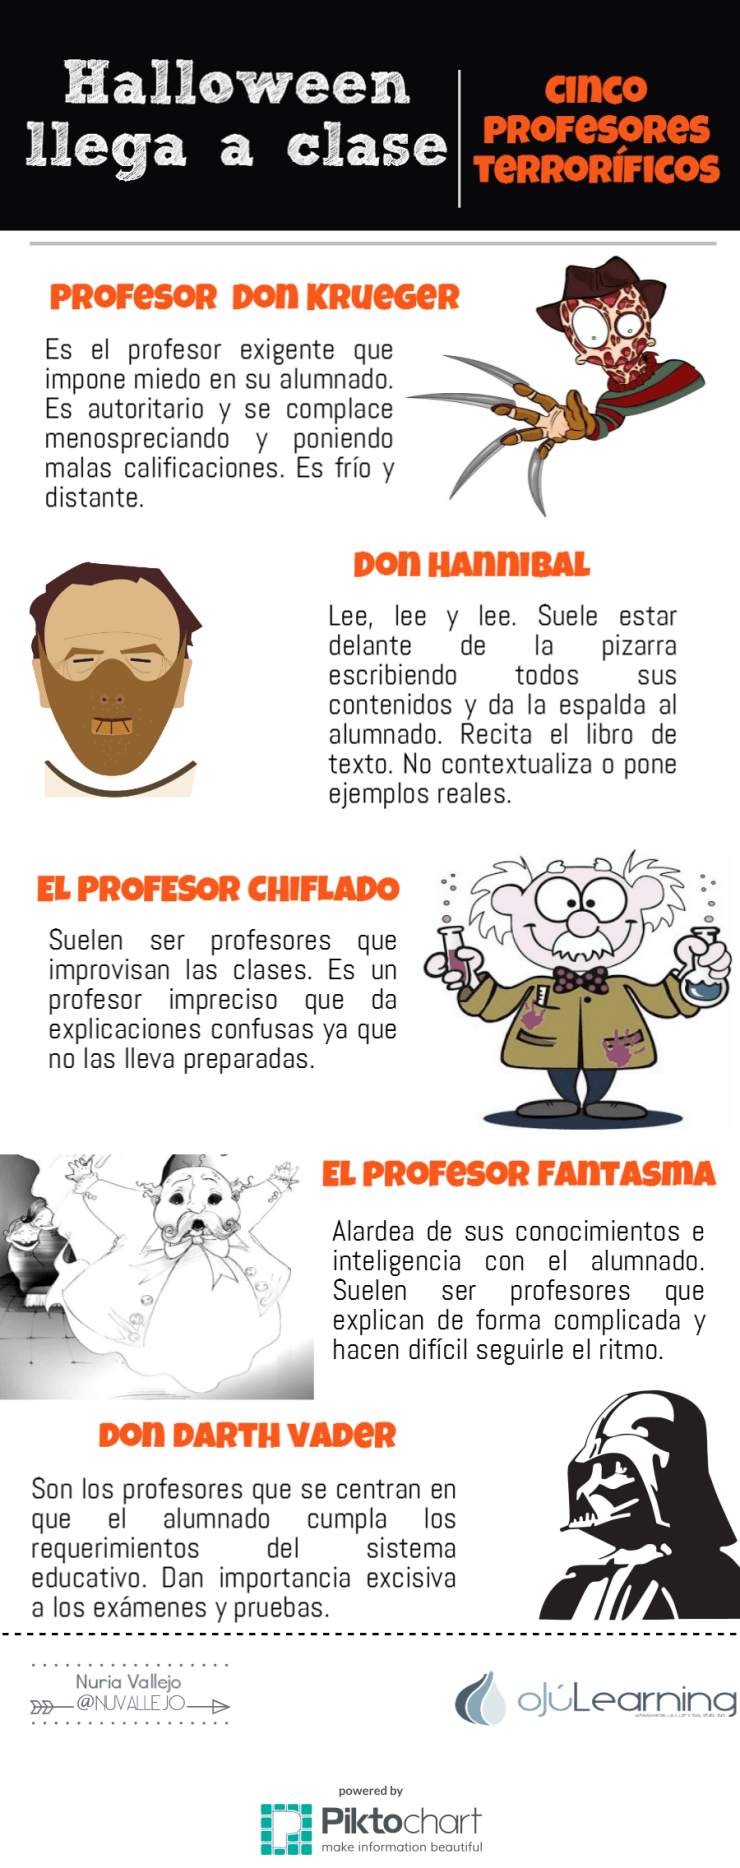 5 profesores terroríficos